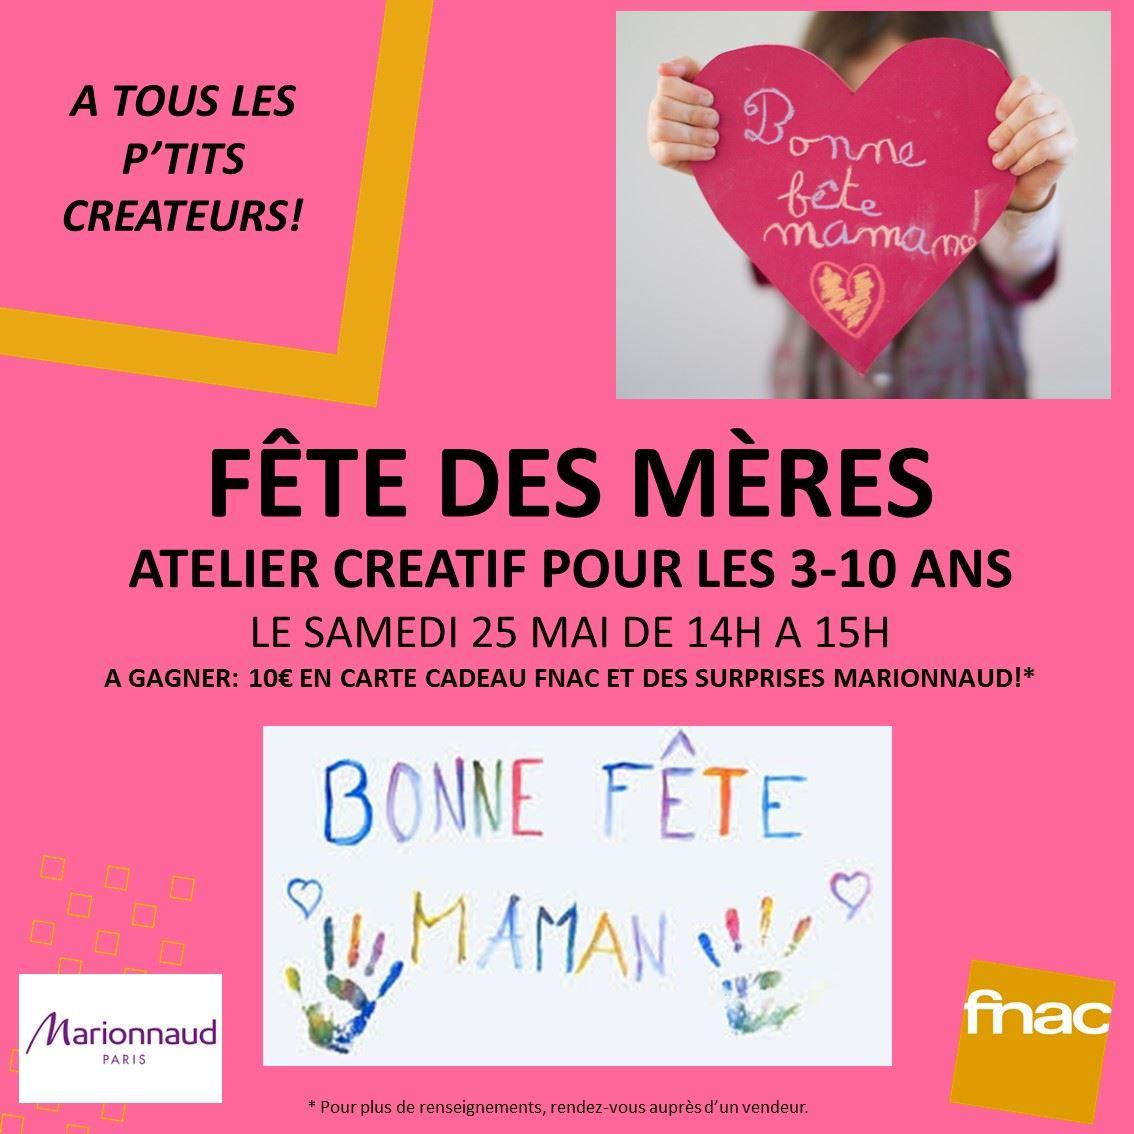 Carte Cadeau Marionnaud Fnac.Atelier Creatif Et Concours Special Fete Des Meres